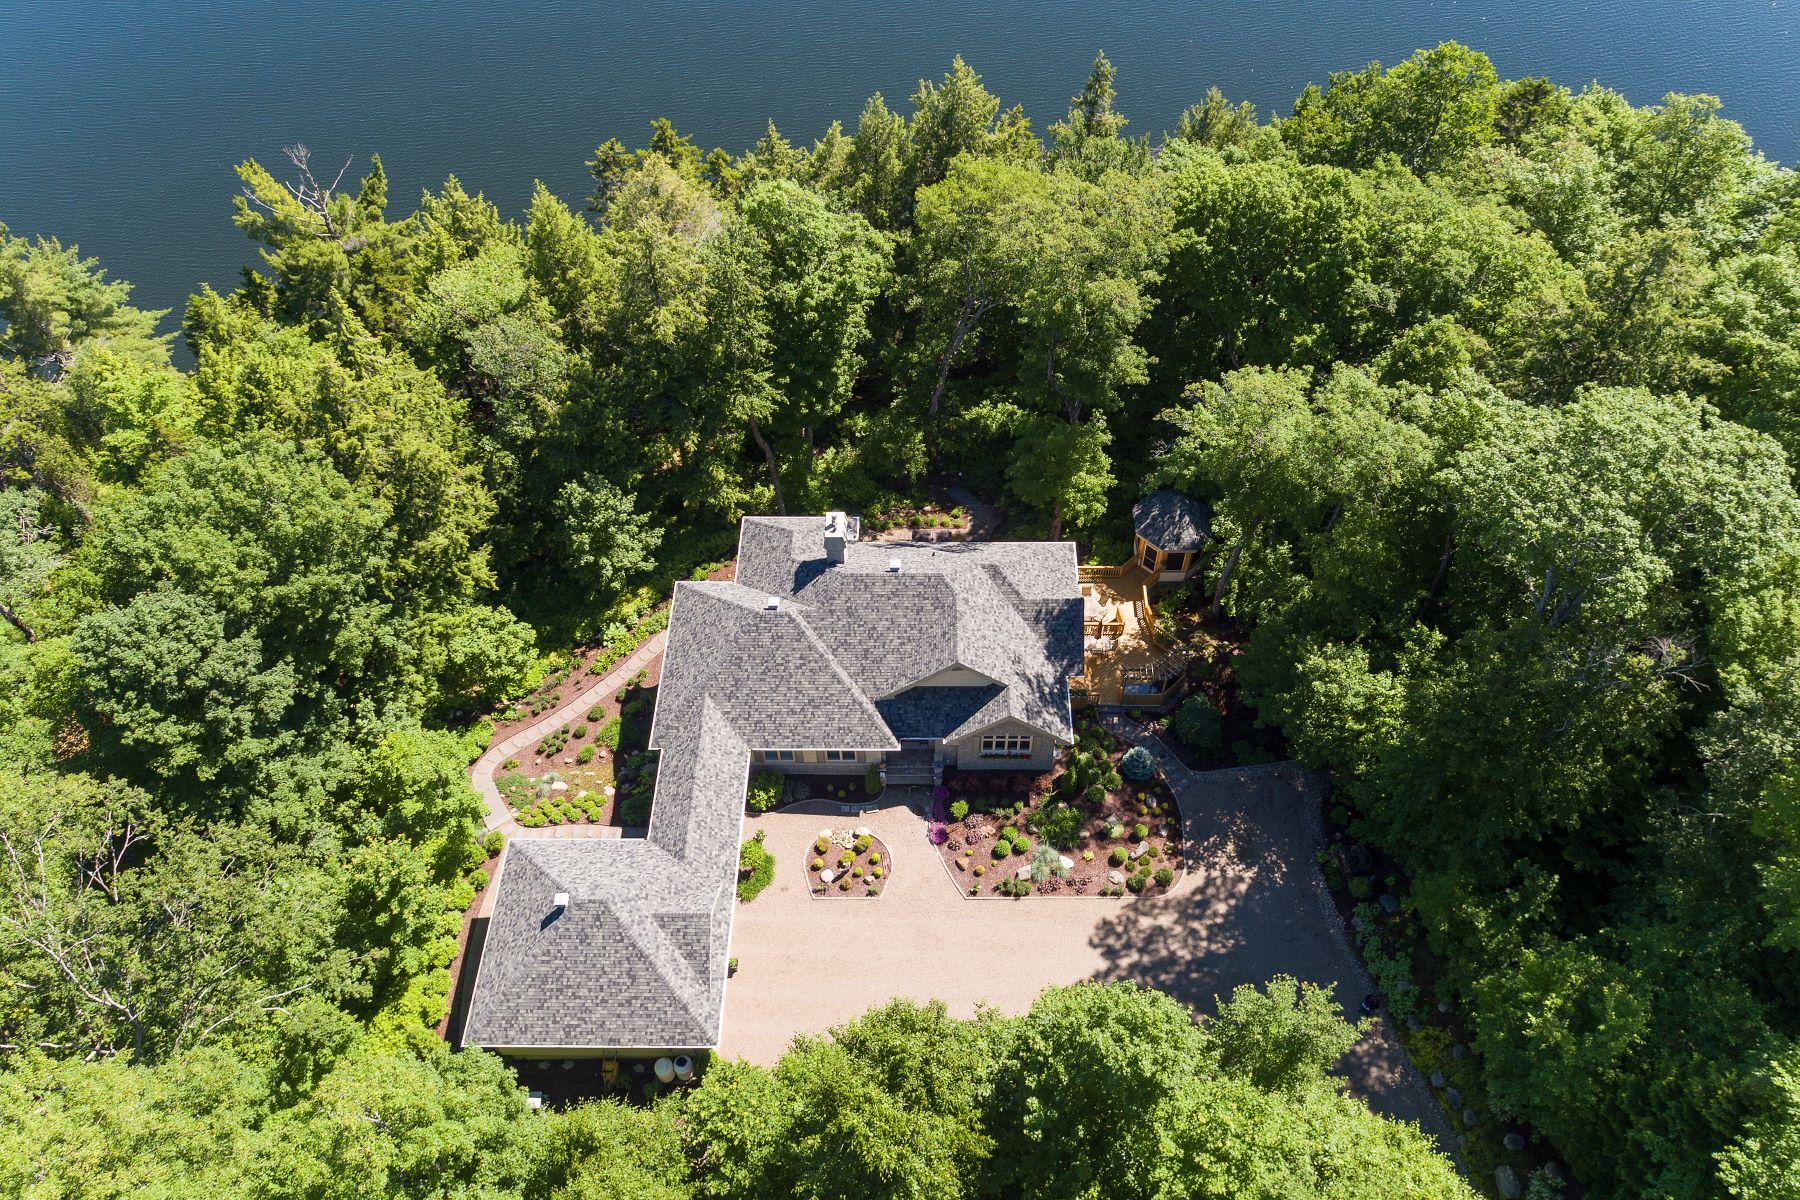 Частный односемейный дом для того Продажа на Shawinigan, Mauricie 461 Ch. de l'Érablière Shawinigan, Квебек, G9R1V7 Канада